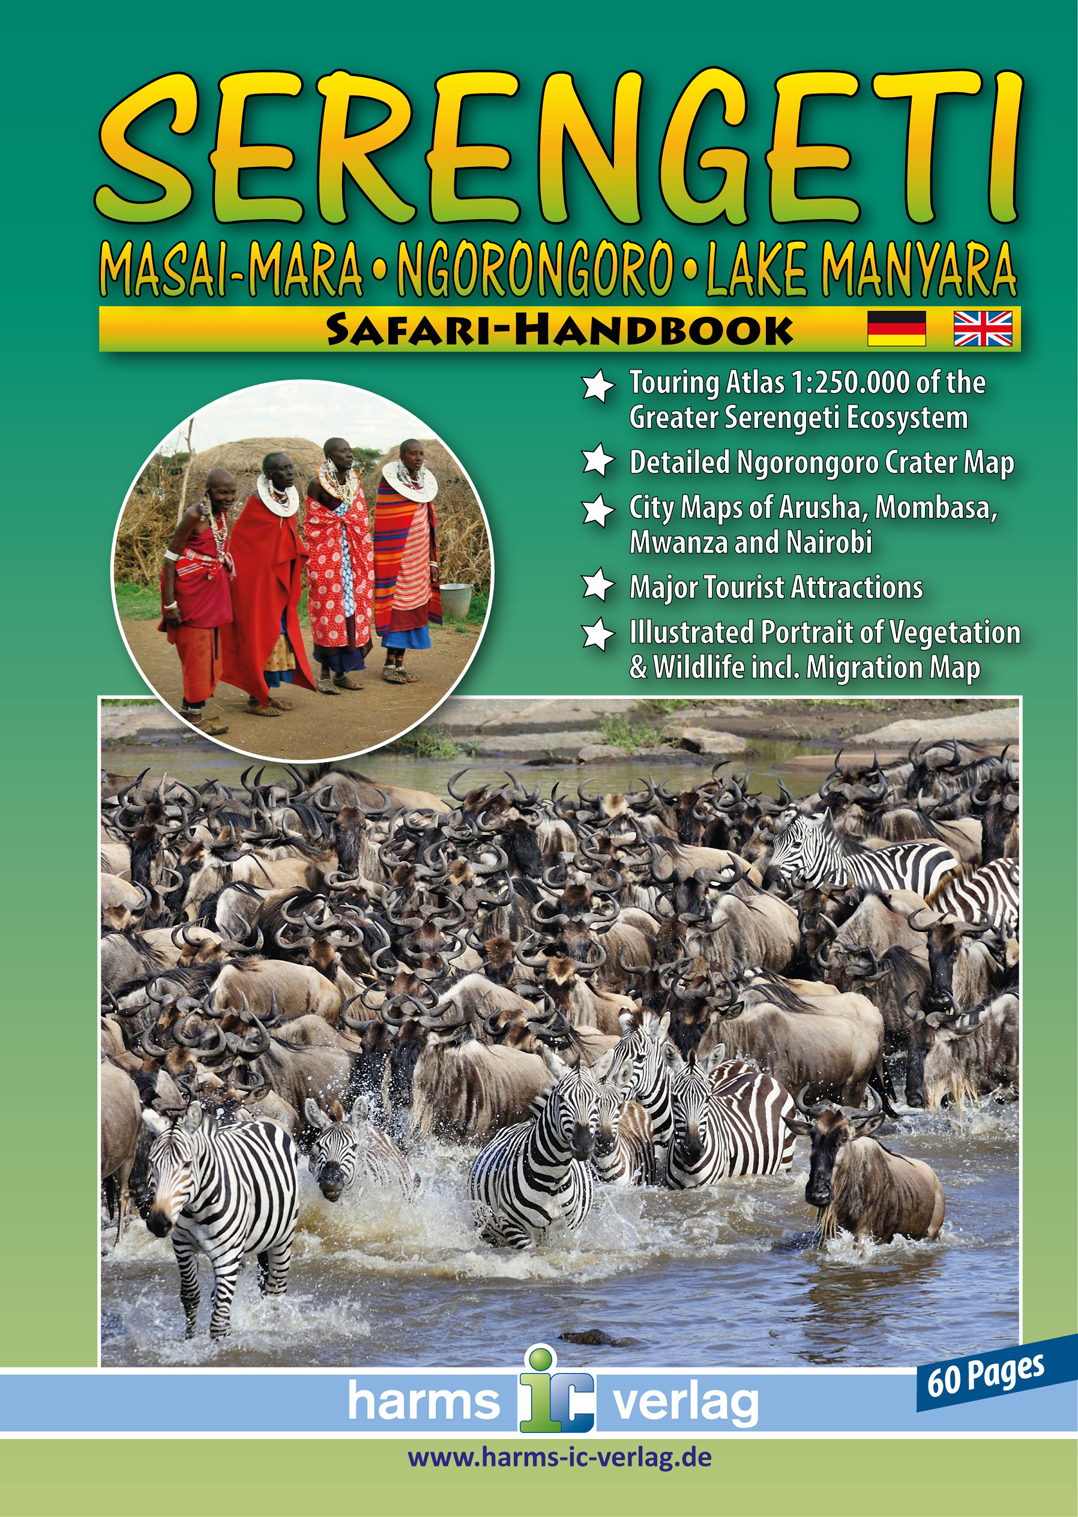 Serengeti; Masai-Mara, Ngorongoro, Lake Manyara 9783927468351  Harms   Reisgidsen, Wegenatlassen Tanzania, Zanzibar